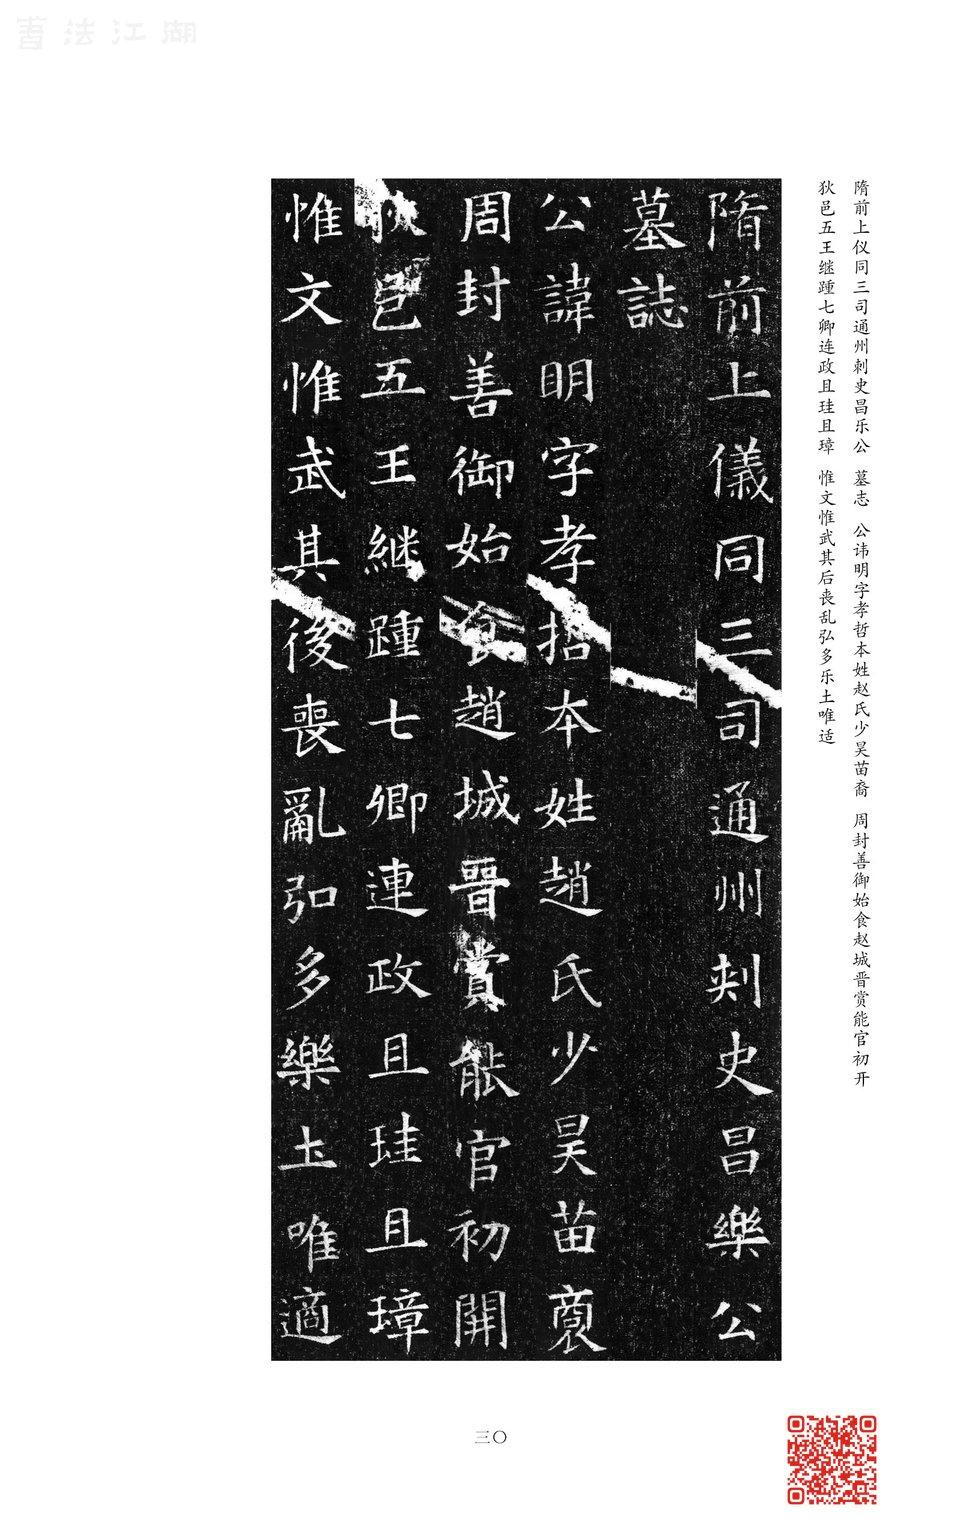 6-隋楷2-内页34.jpg